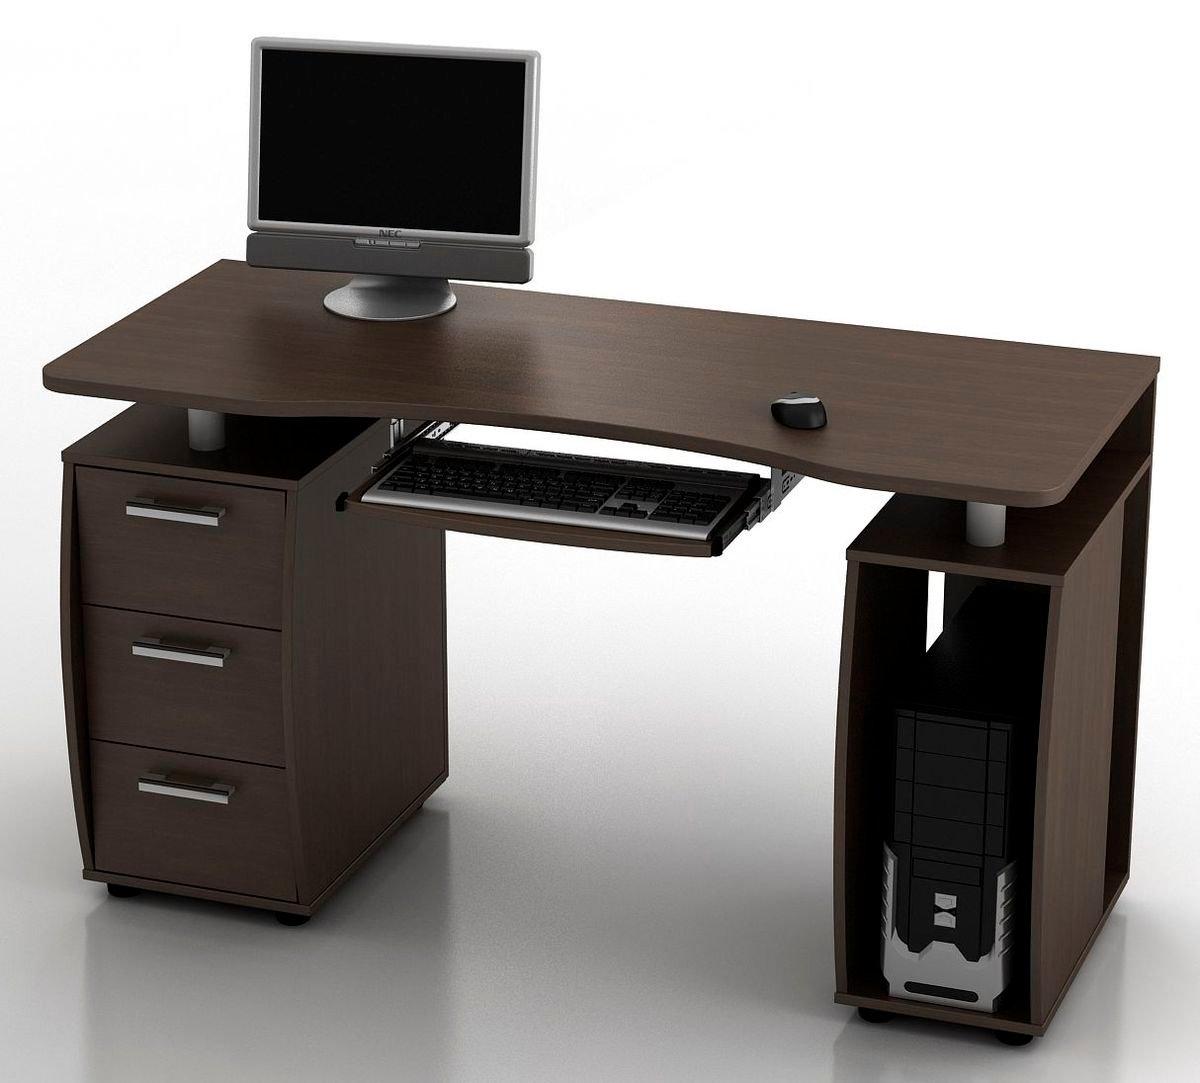 простой компьютерный стол фото постоянно